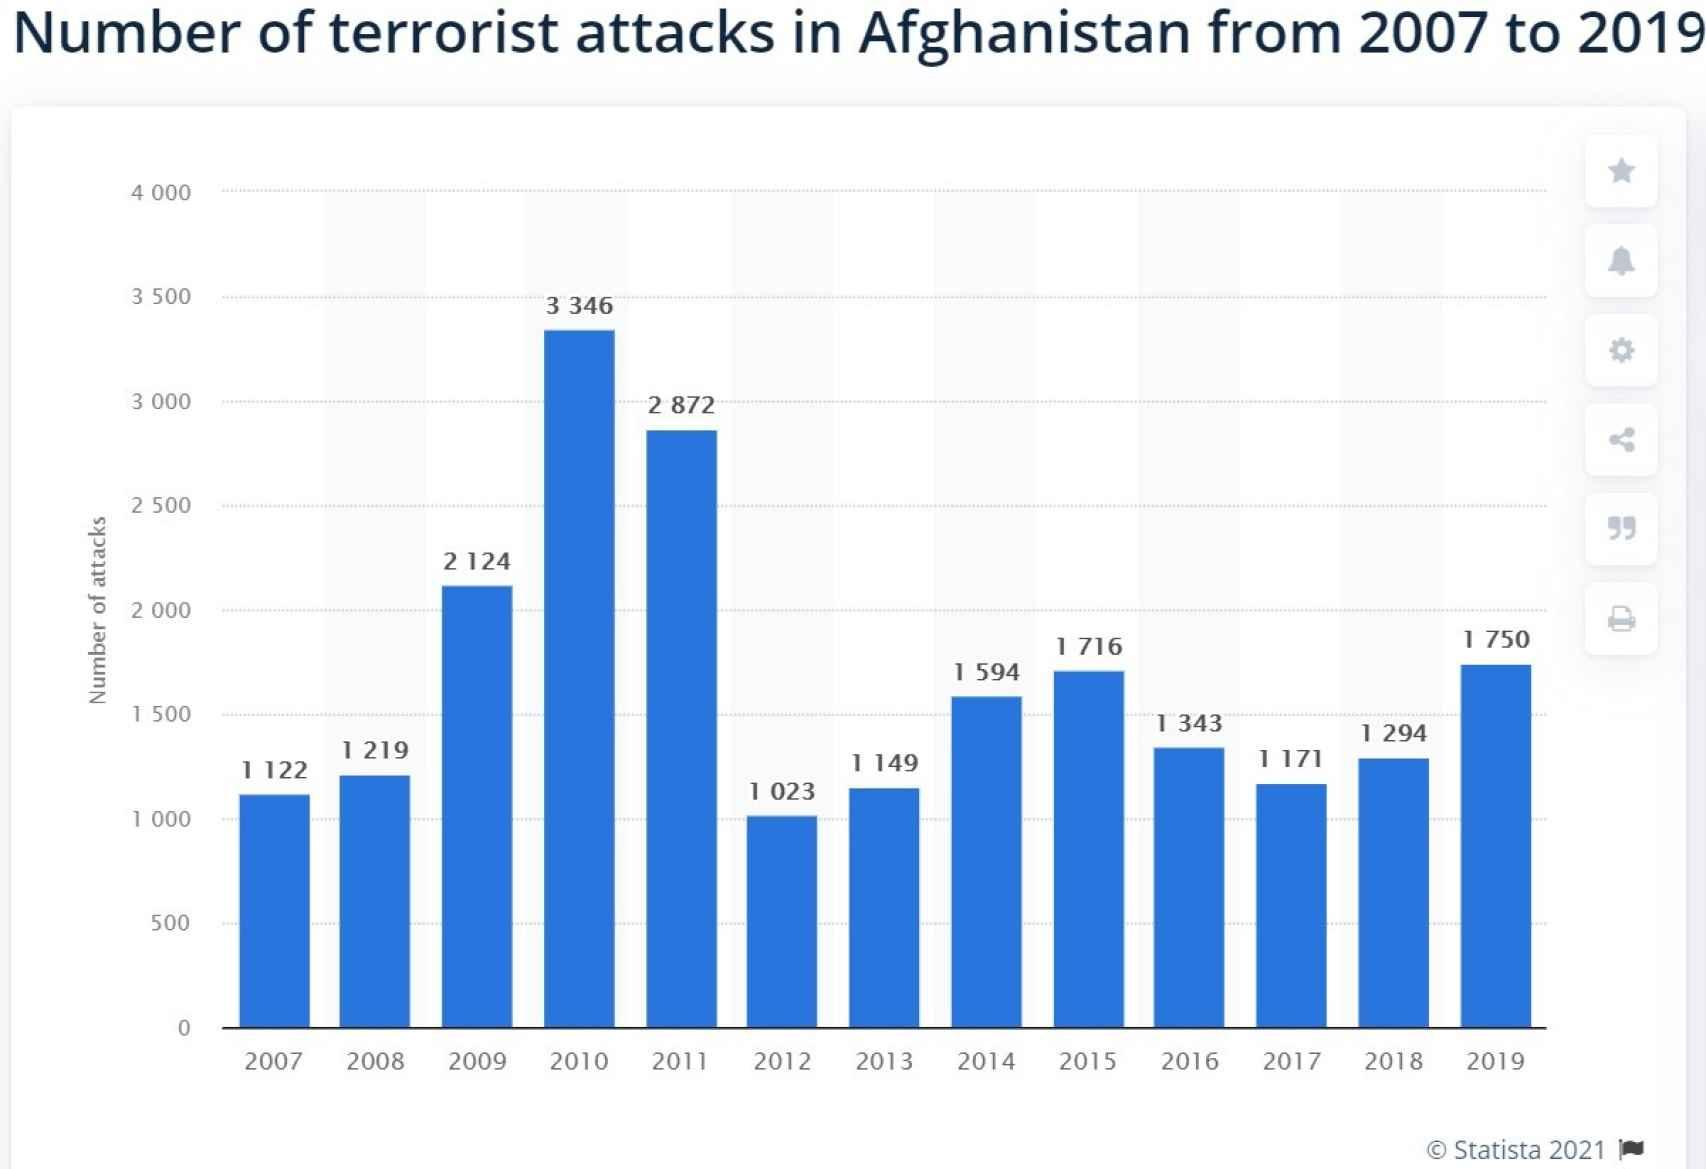 Número de atentados en Afganistán por año, período 2007-2019.